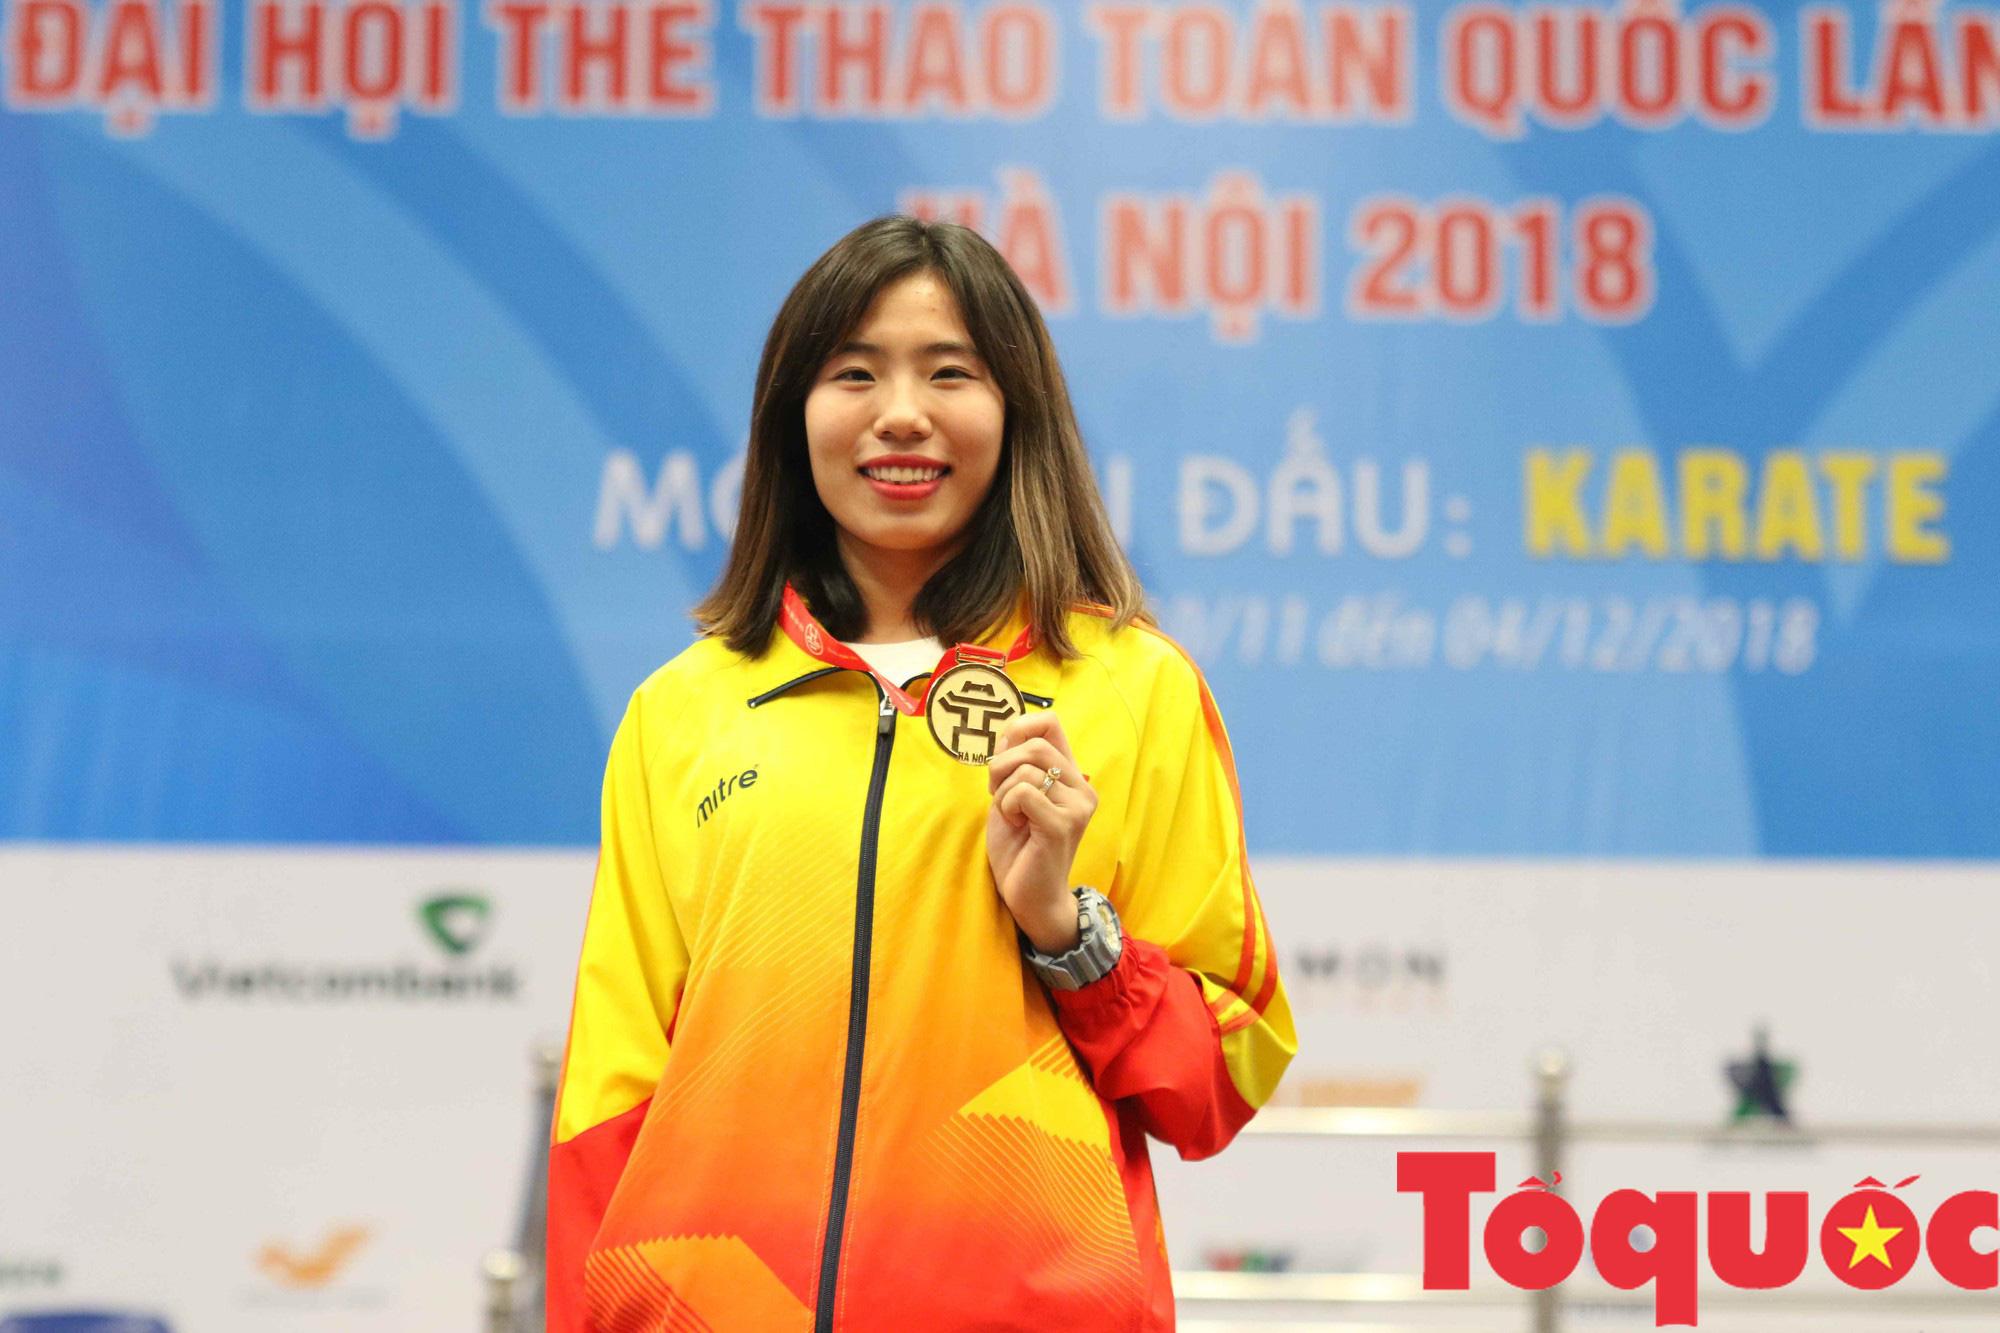 Những lợn vàng của nền Thể thao Việt Nam chia sẻ kế hoạch rinh huy chương trong năm tuổi- 2019 - Ảnh 5.